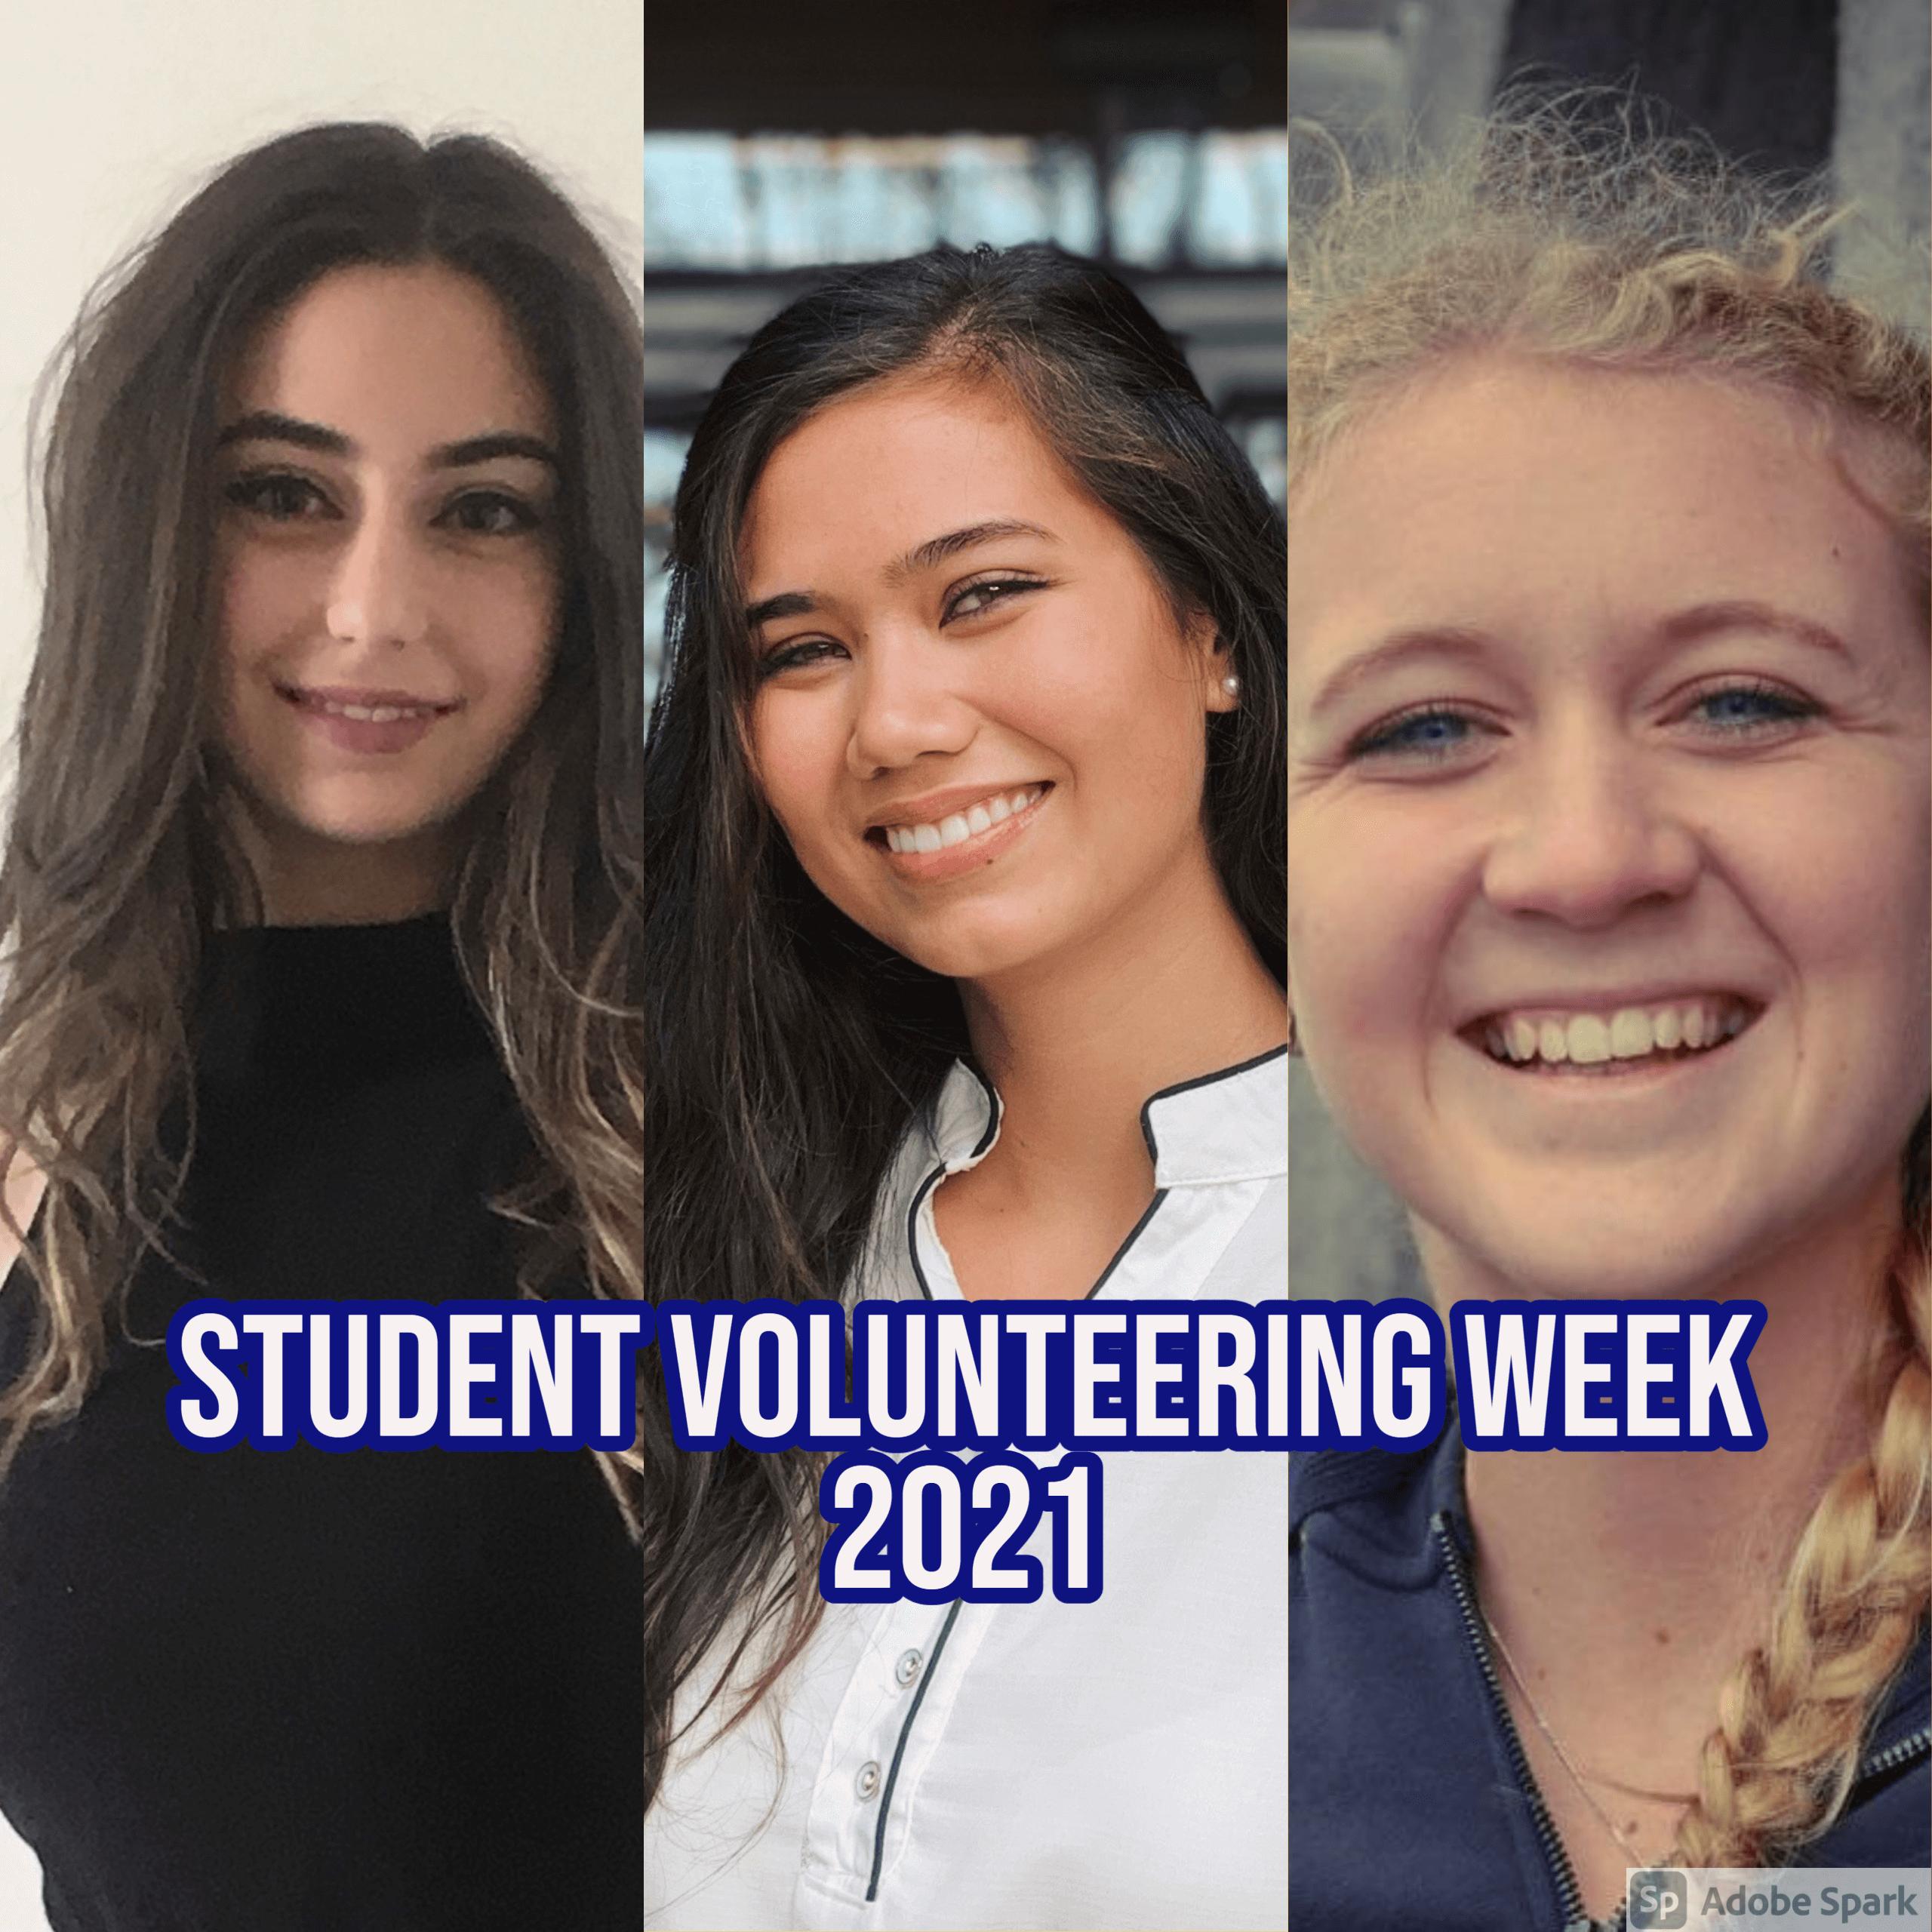 Celebrating Student Volunteering Week 2021